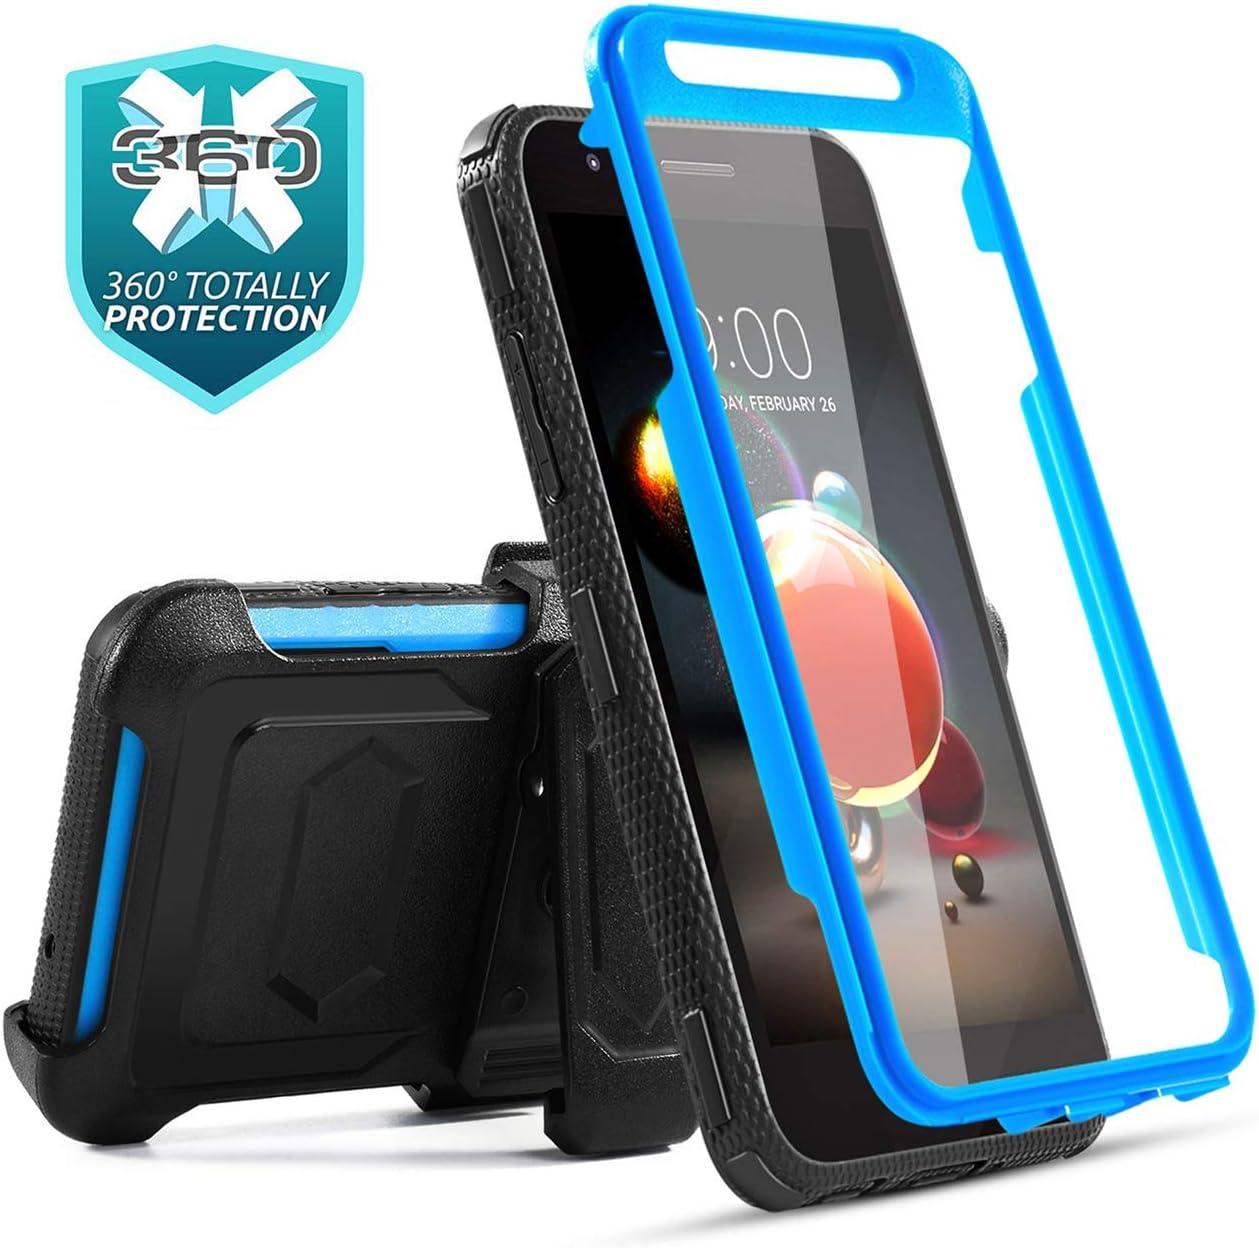 LG Aristo 2 Case,LG Aristo 3/Aristo 3 Plus/Rebel 4 LTE/Tribute Empire/LG K8S/Zone 4/Tribute Dynasty/Aristo 2 Plus/Fortune 2/K8+/Risio 3/Phoenix 4 Case w/Screen Protector+Kickstand Belt Clip-Blue